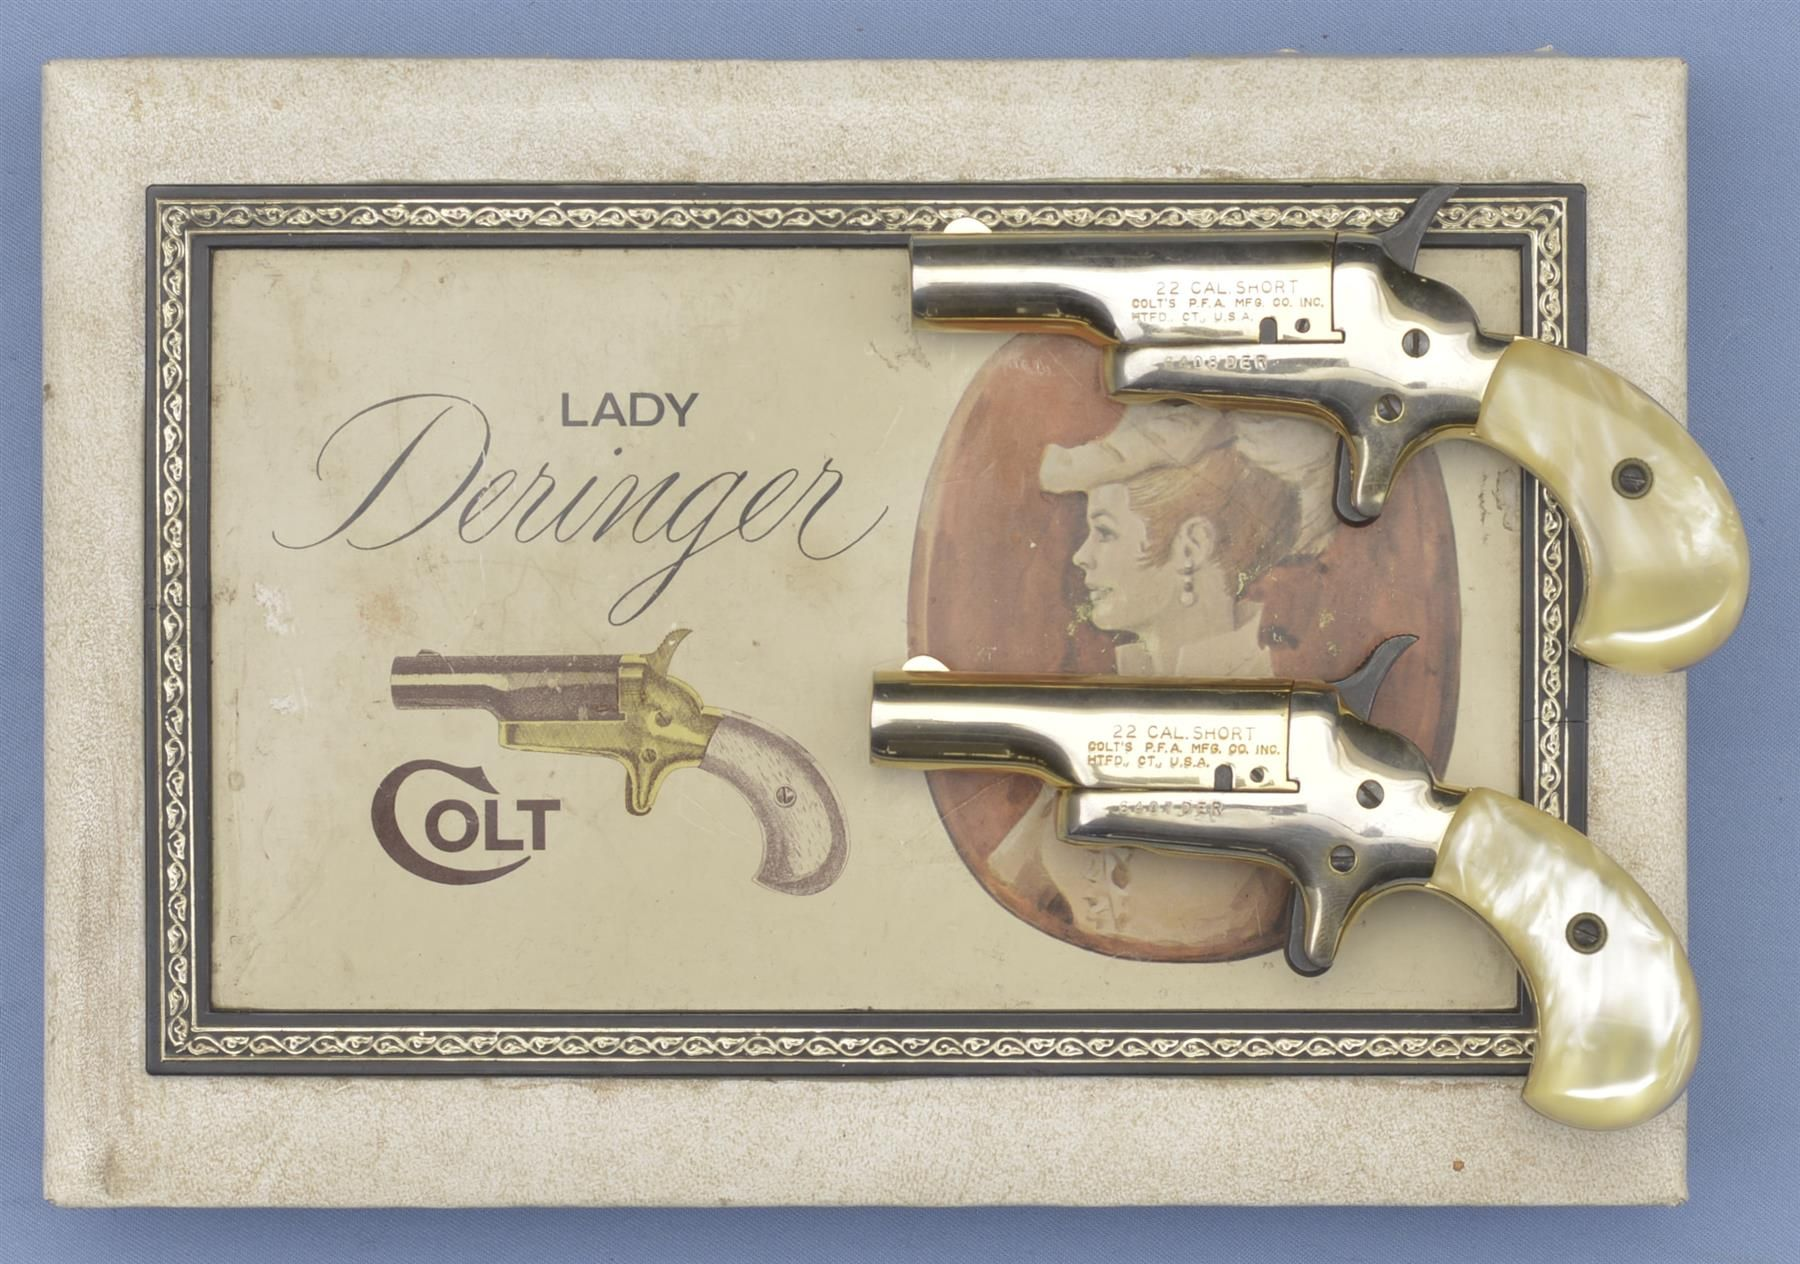 Cased Pair of Colt Lady Deringers - A) Colt Lady Model Single Shot Deringer